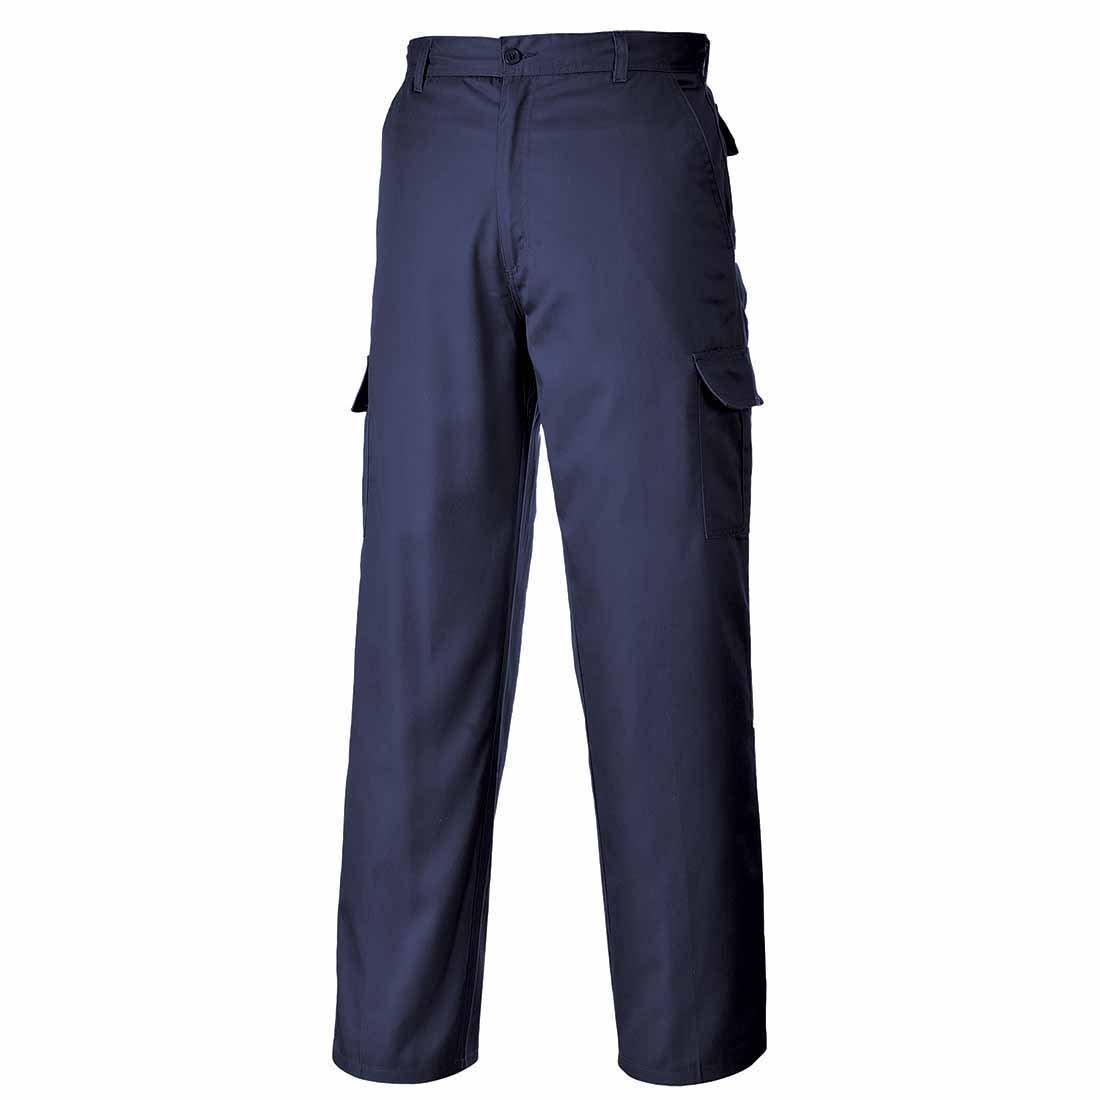 Portwest Mens Classic Cargo Pocket Combat Trousers Pants